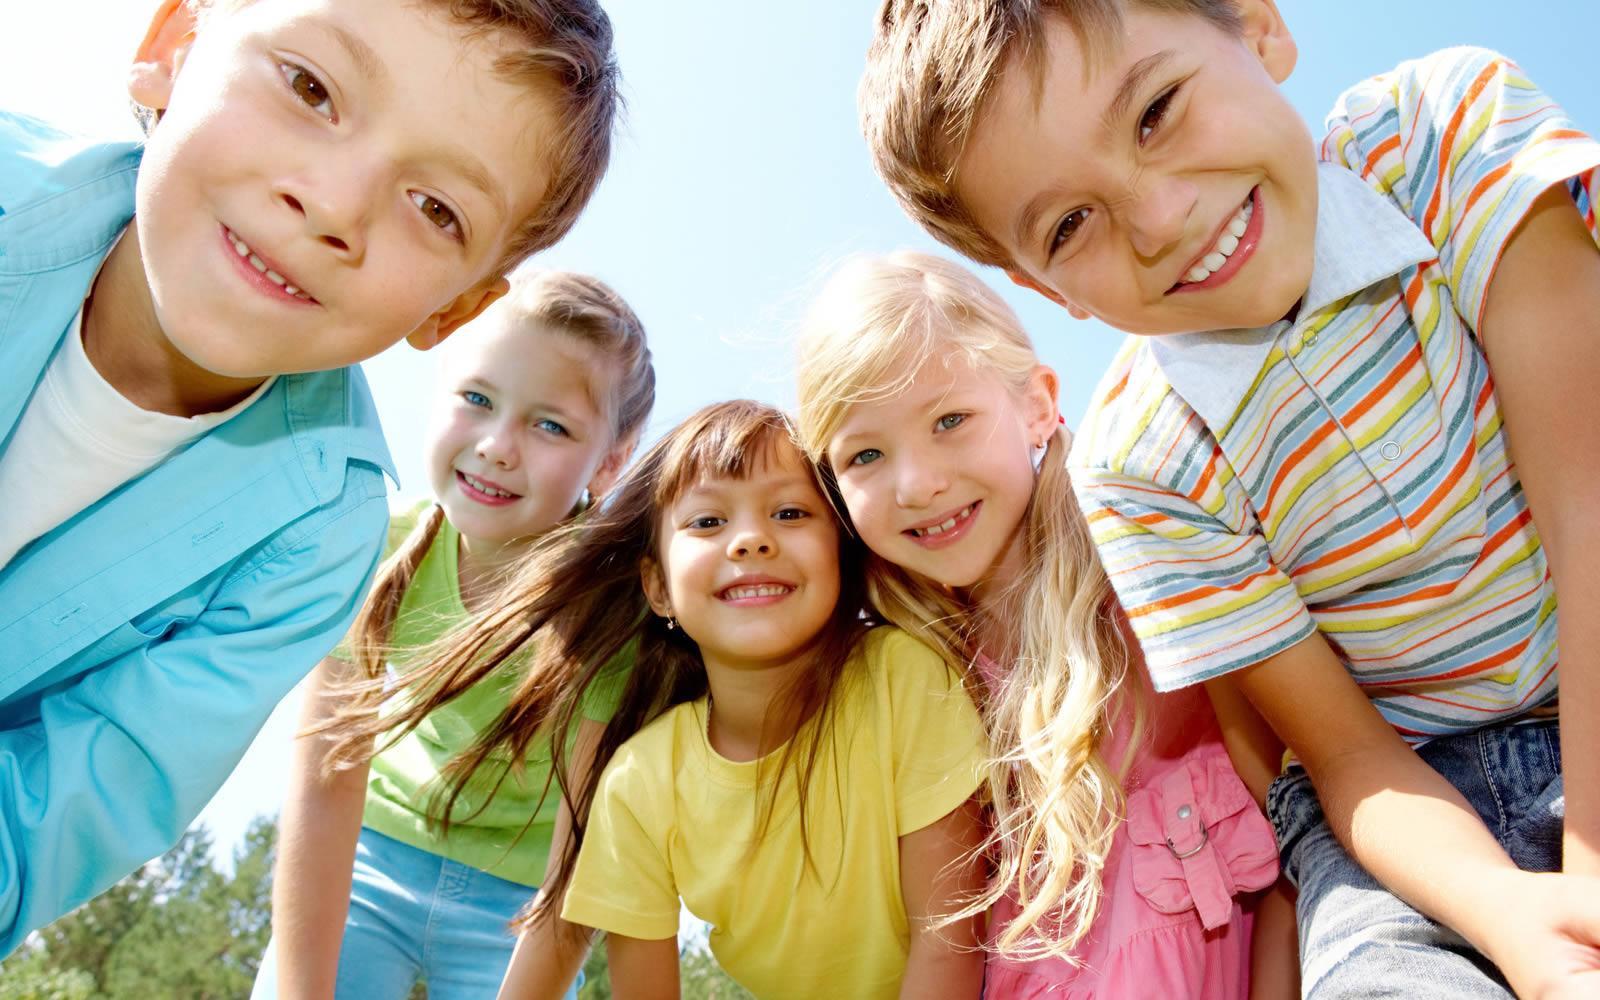 Детский сад № 130 запорожье отзывы